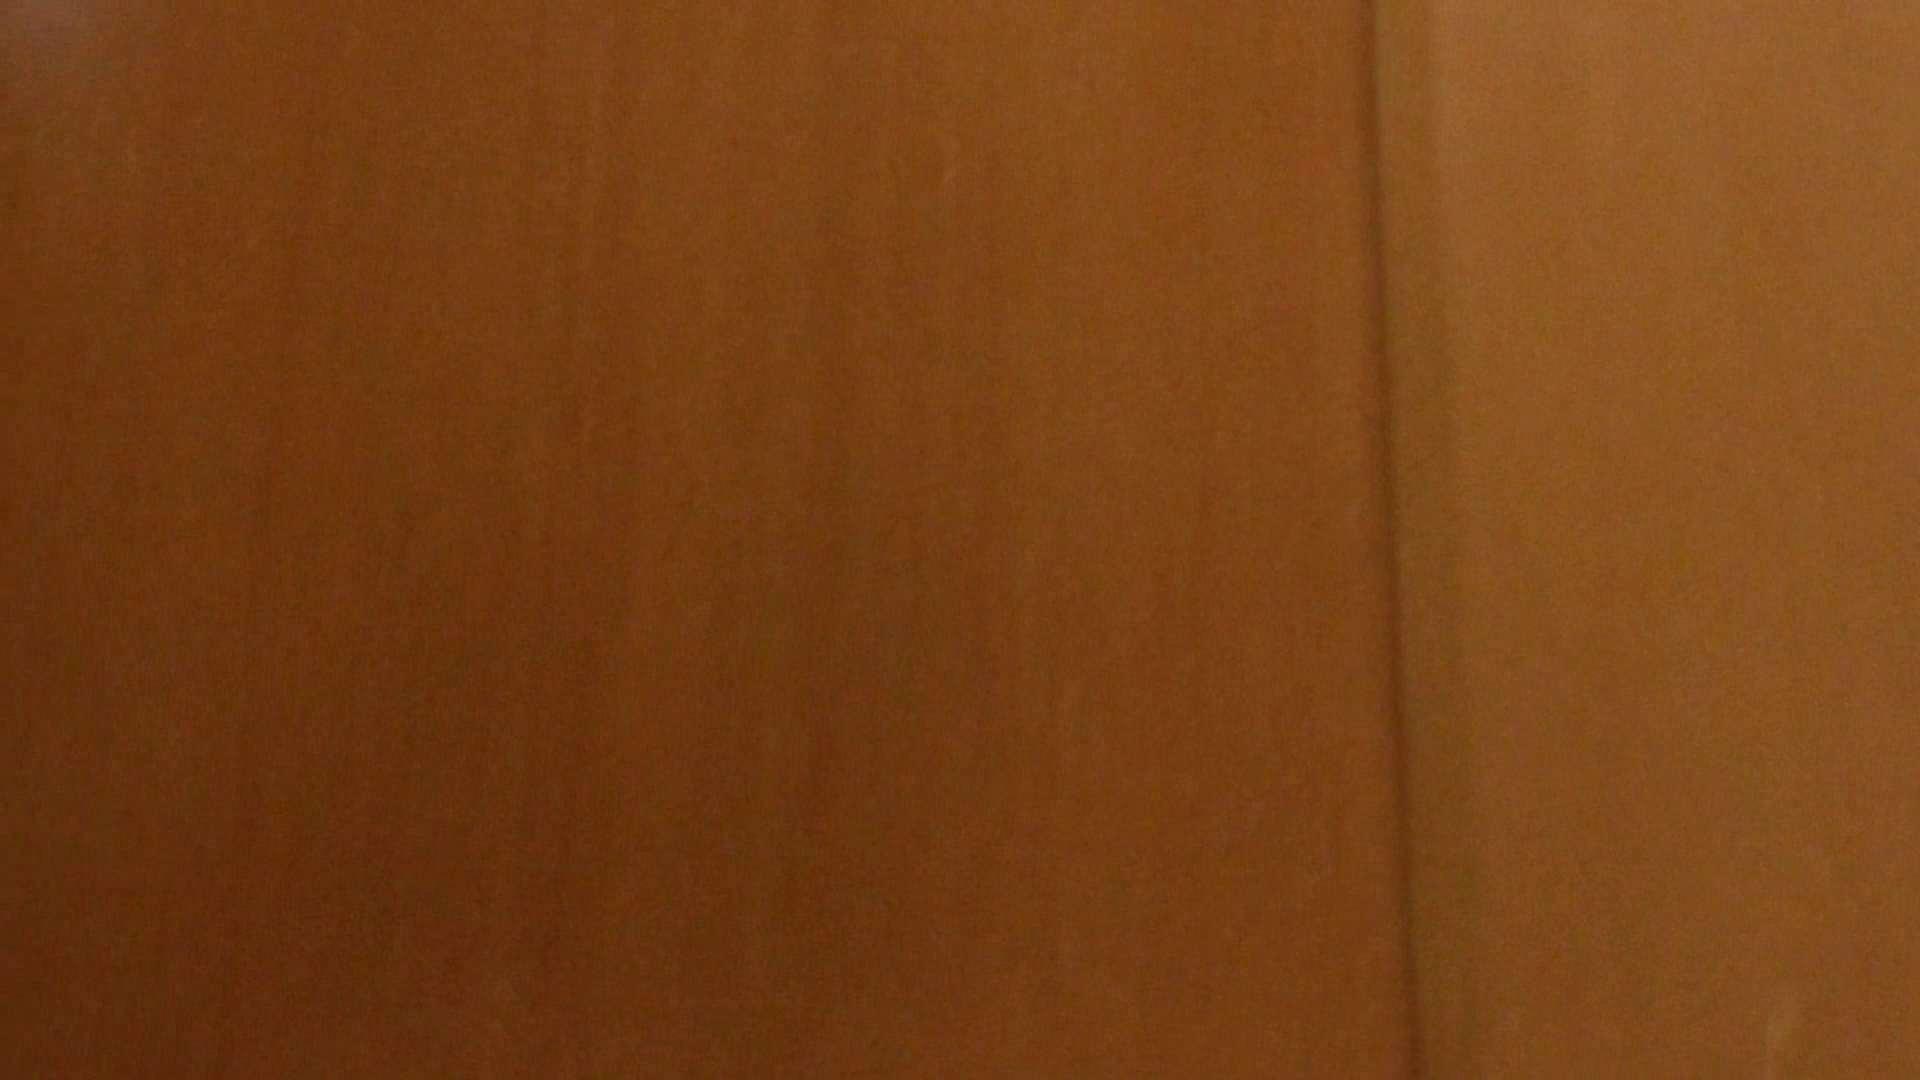 隣国化粧室下から御免!! No.02 洗面所のぞき SEX無修正画像 90枚 65